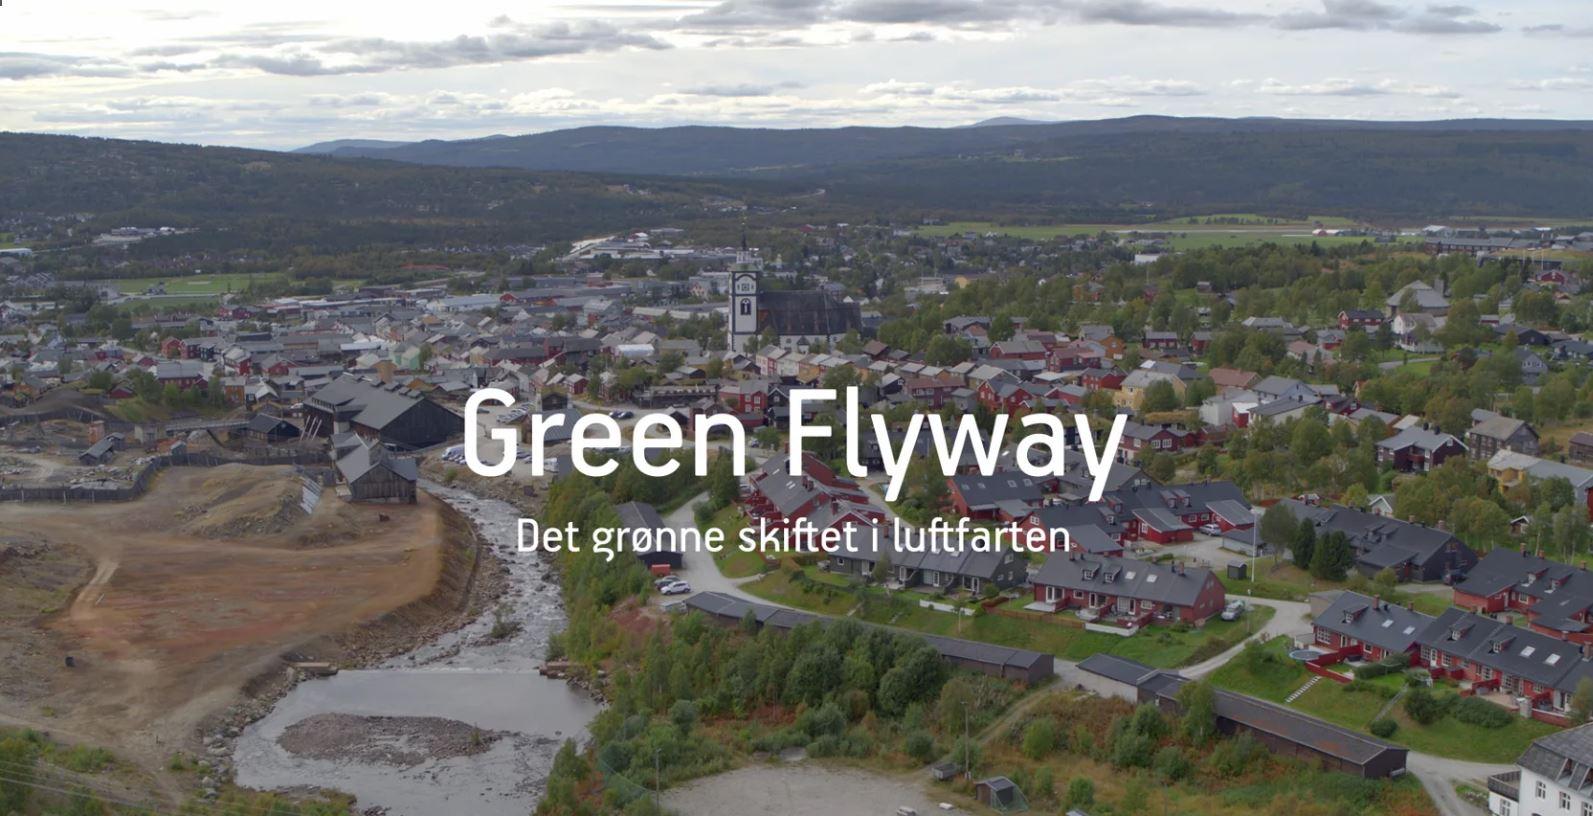 Bilde av Røros sentrum fra lufta, med teksten Green Flyway, det grønne skiftet i luftfarten